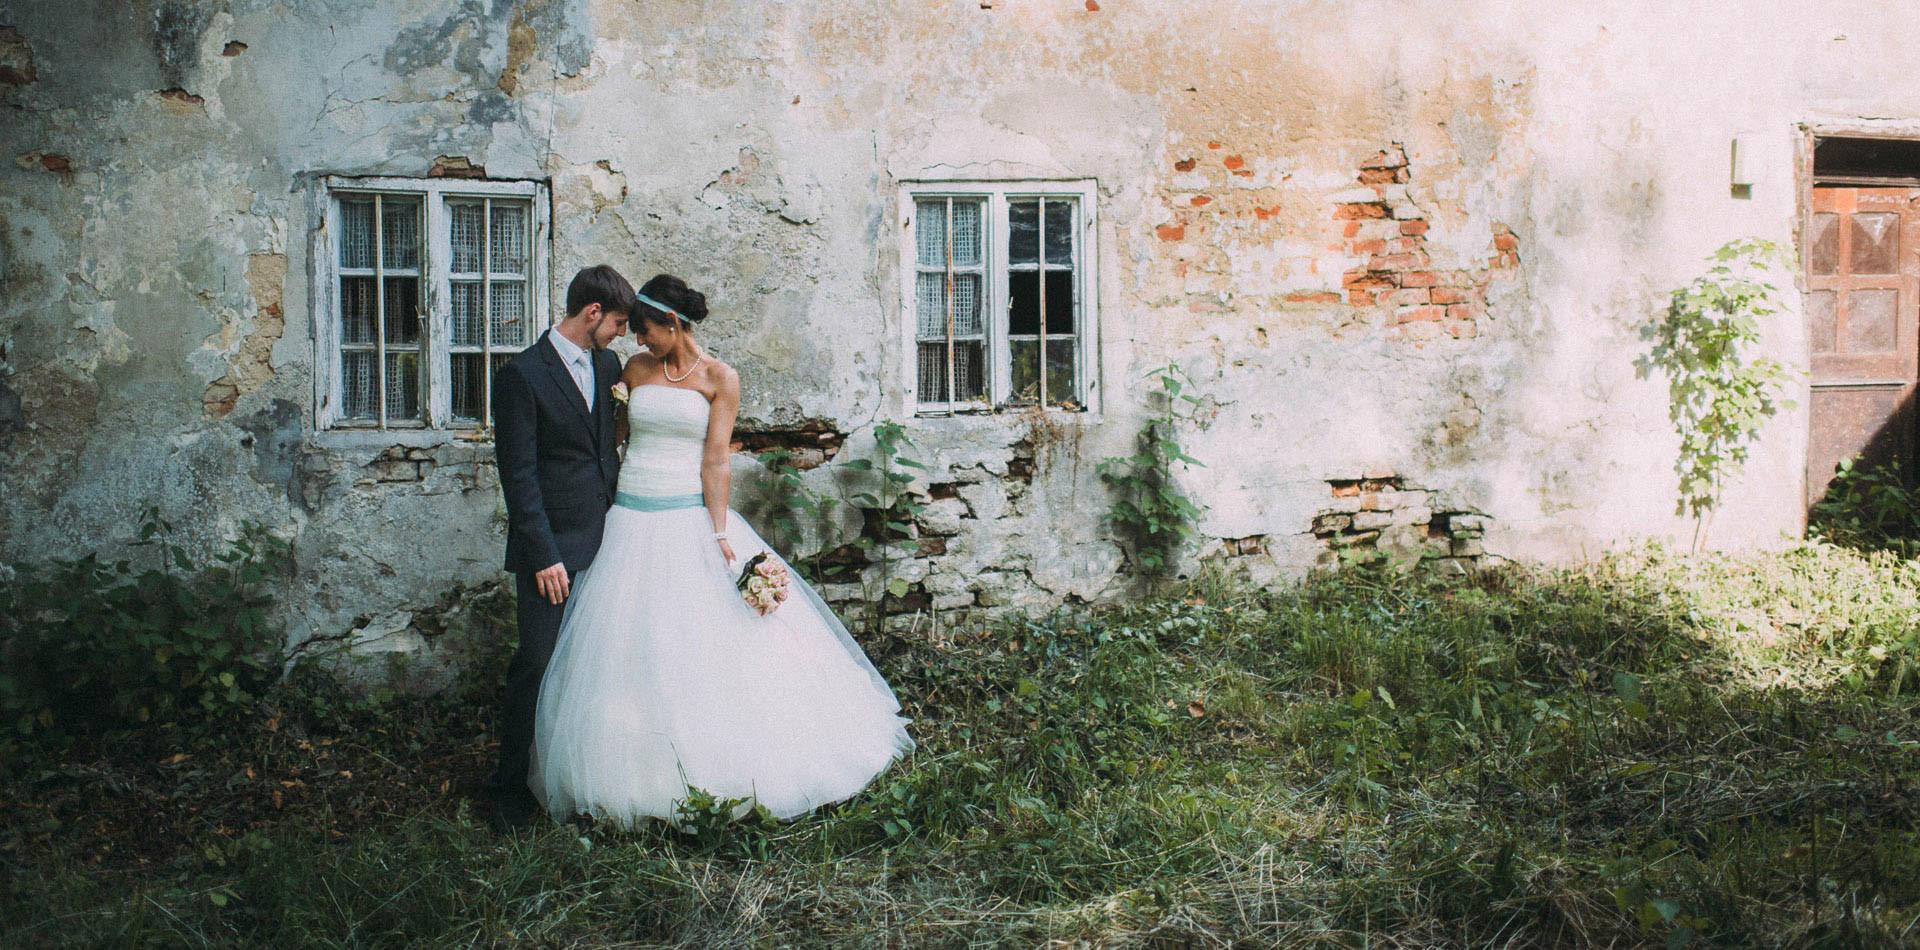 Prinzessinnenkleid Hochzeit  Prinzessinnenkleid einfach wunderbar verliebt heiraten